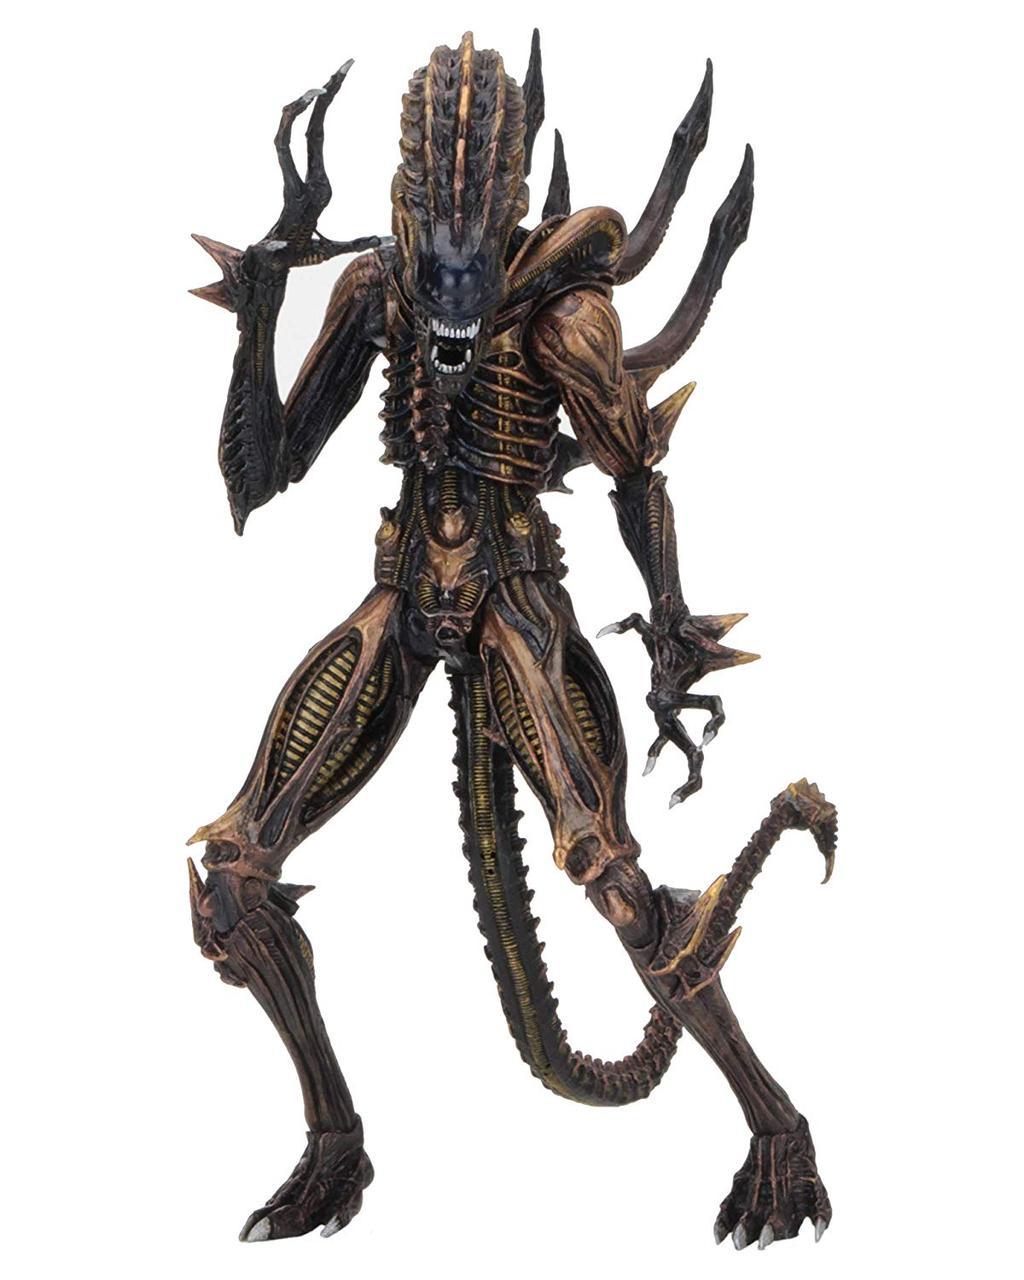 Фигурка Neca Чужой Скорпион со сгибаемым хвостом, 17см - Scorpion Alien, Series 13